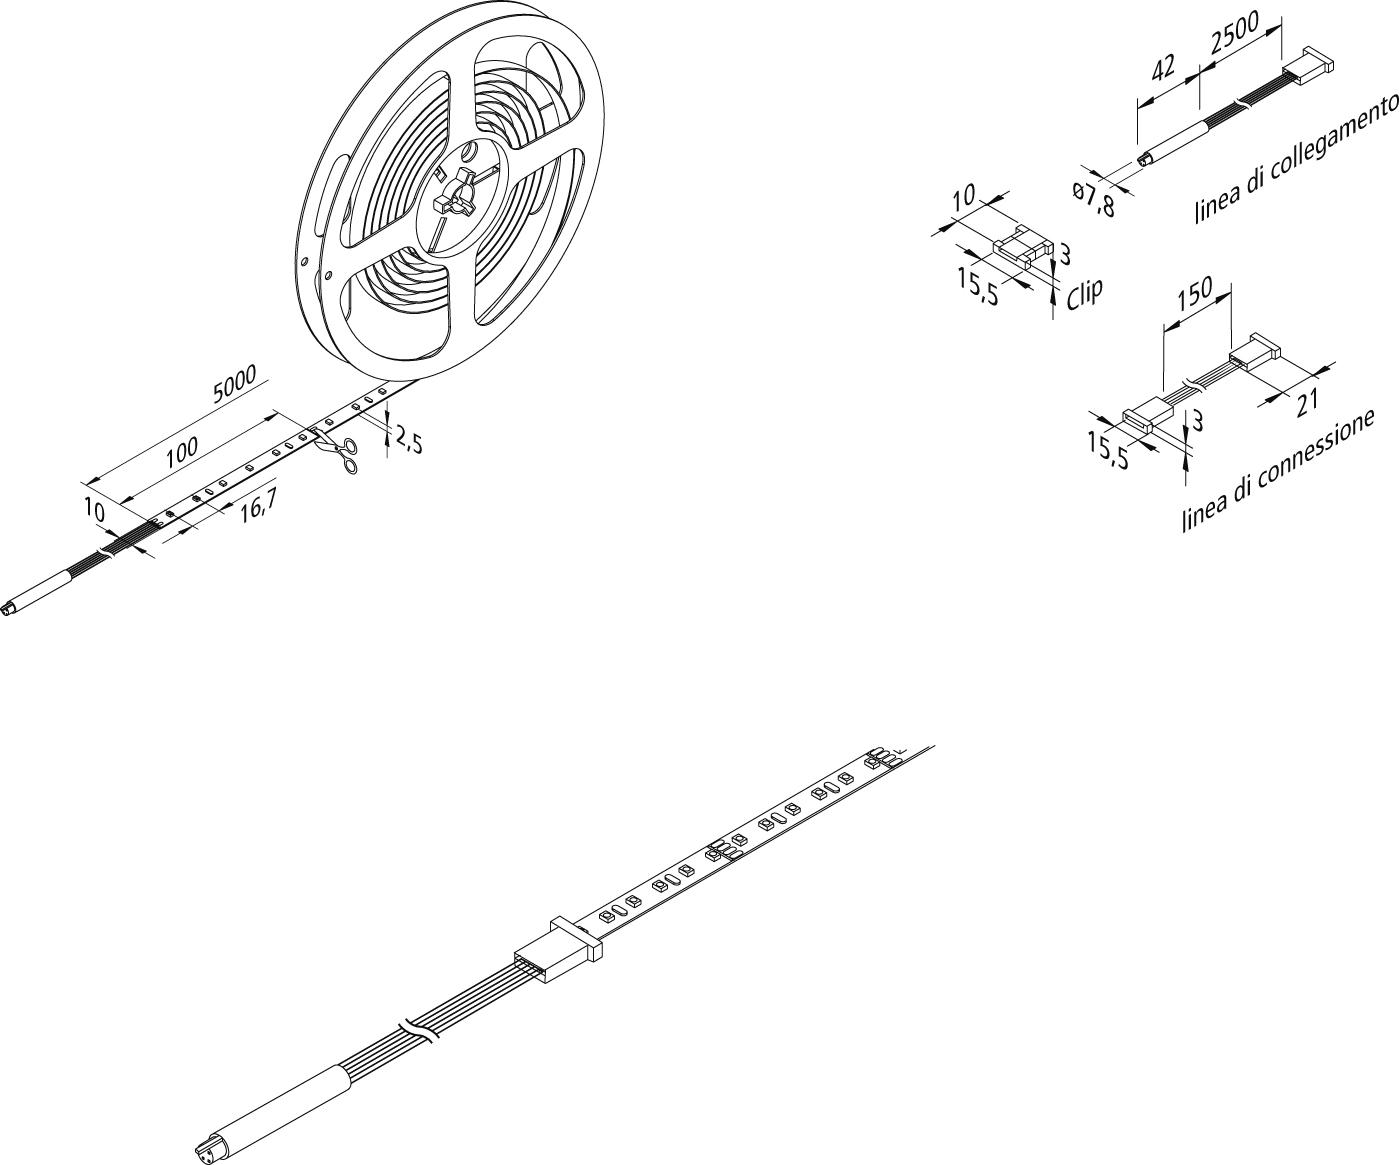 Anteprima: LED-RGBW-Tape_it